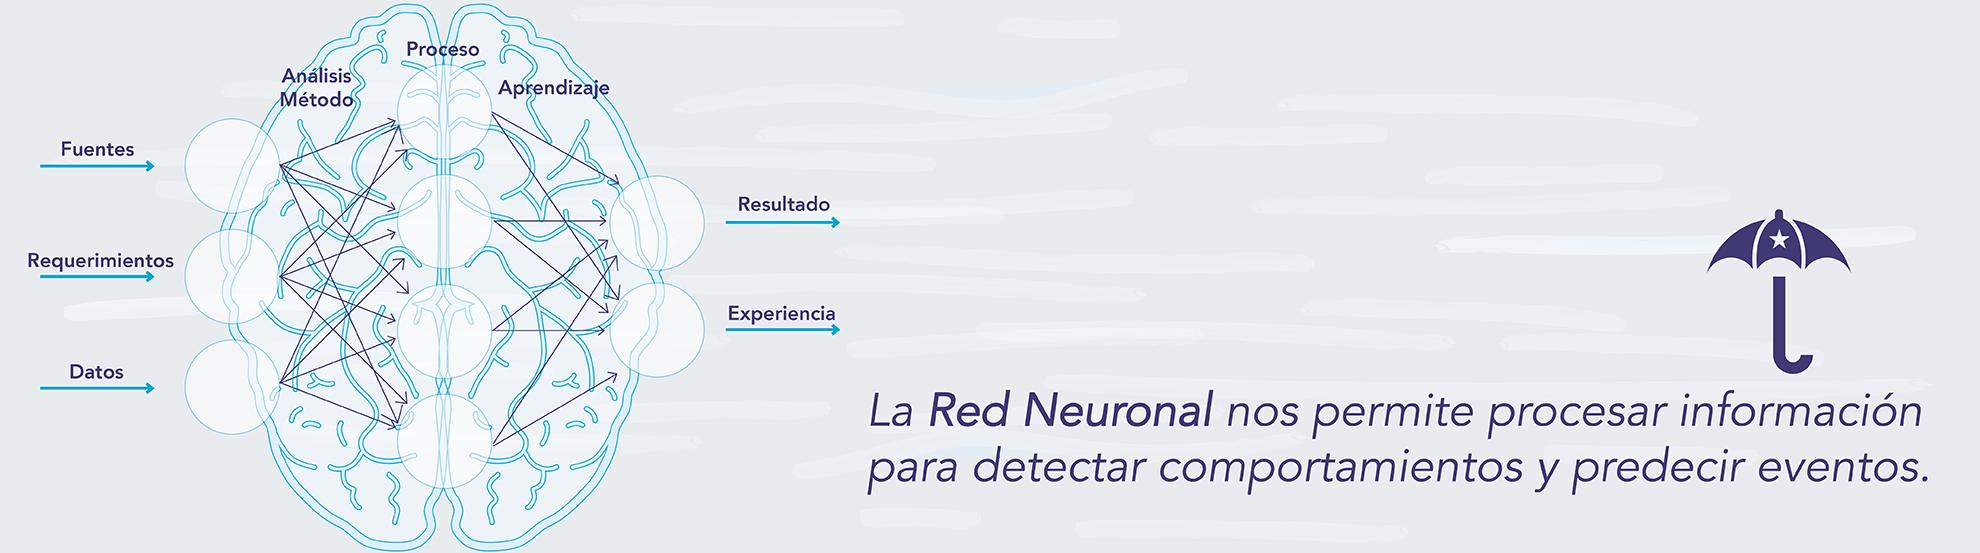 banner red neuronal